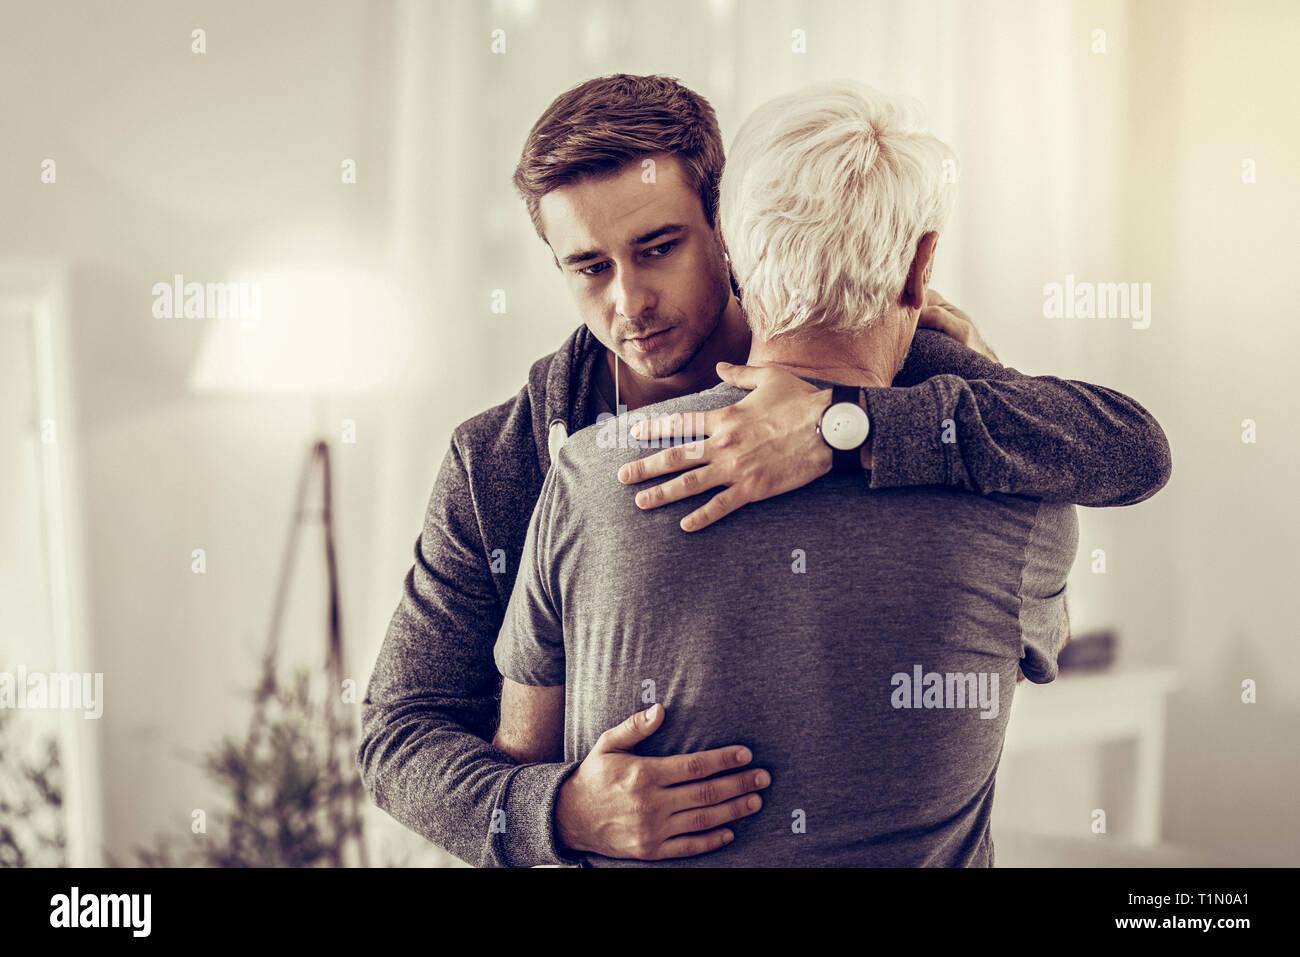 Venti anni dai capelli scuri maschio tipo calmingly cuddling malati doloroso il nonno di invecchiamento Immagini Stock